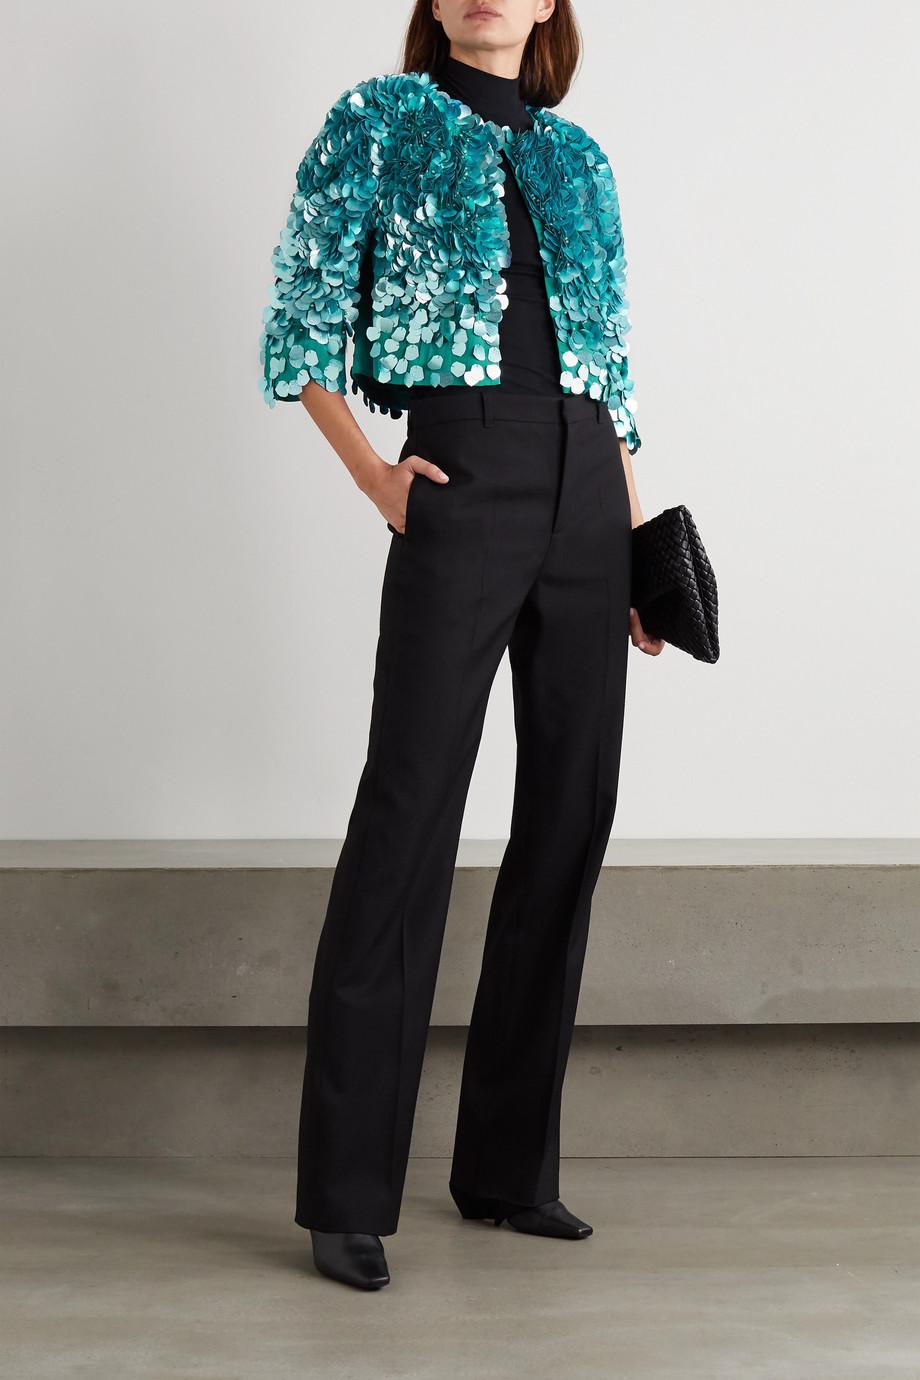 Dries Van Noten Cropped embellished satin jacket